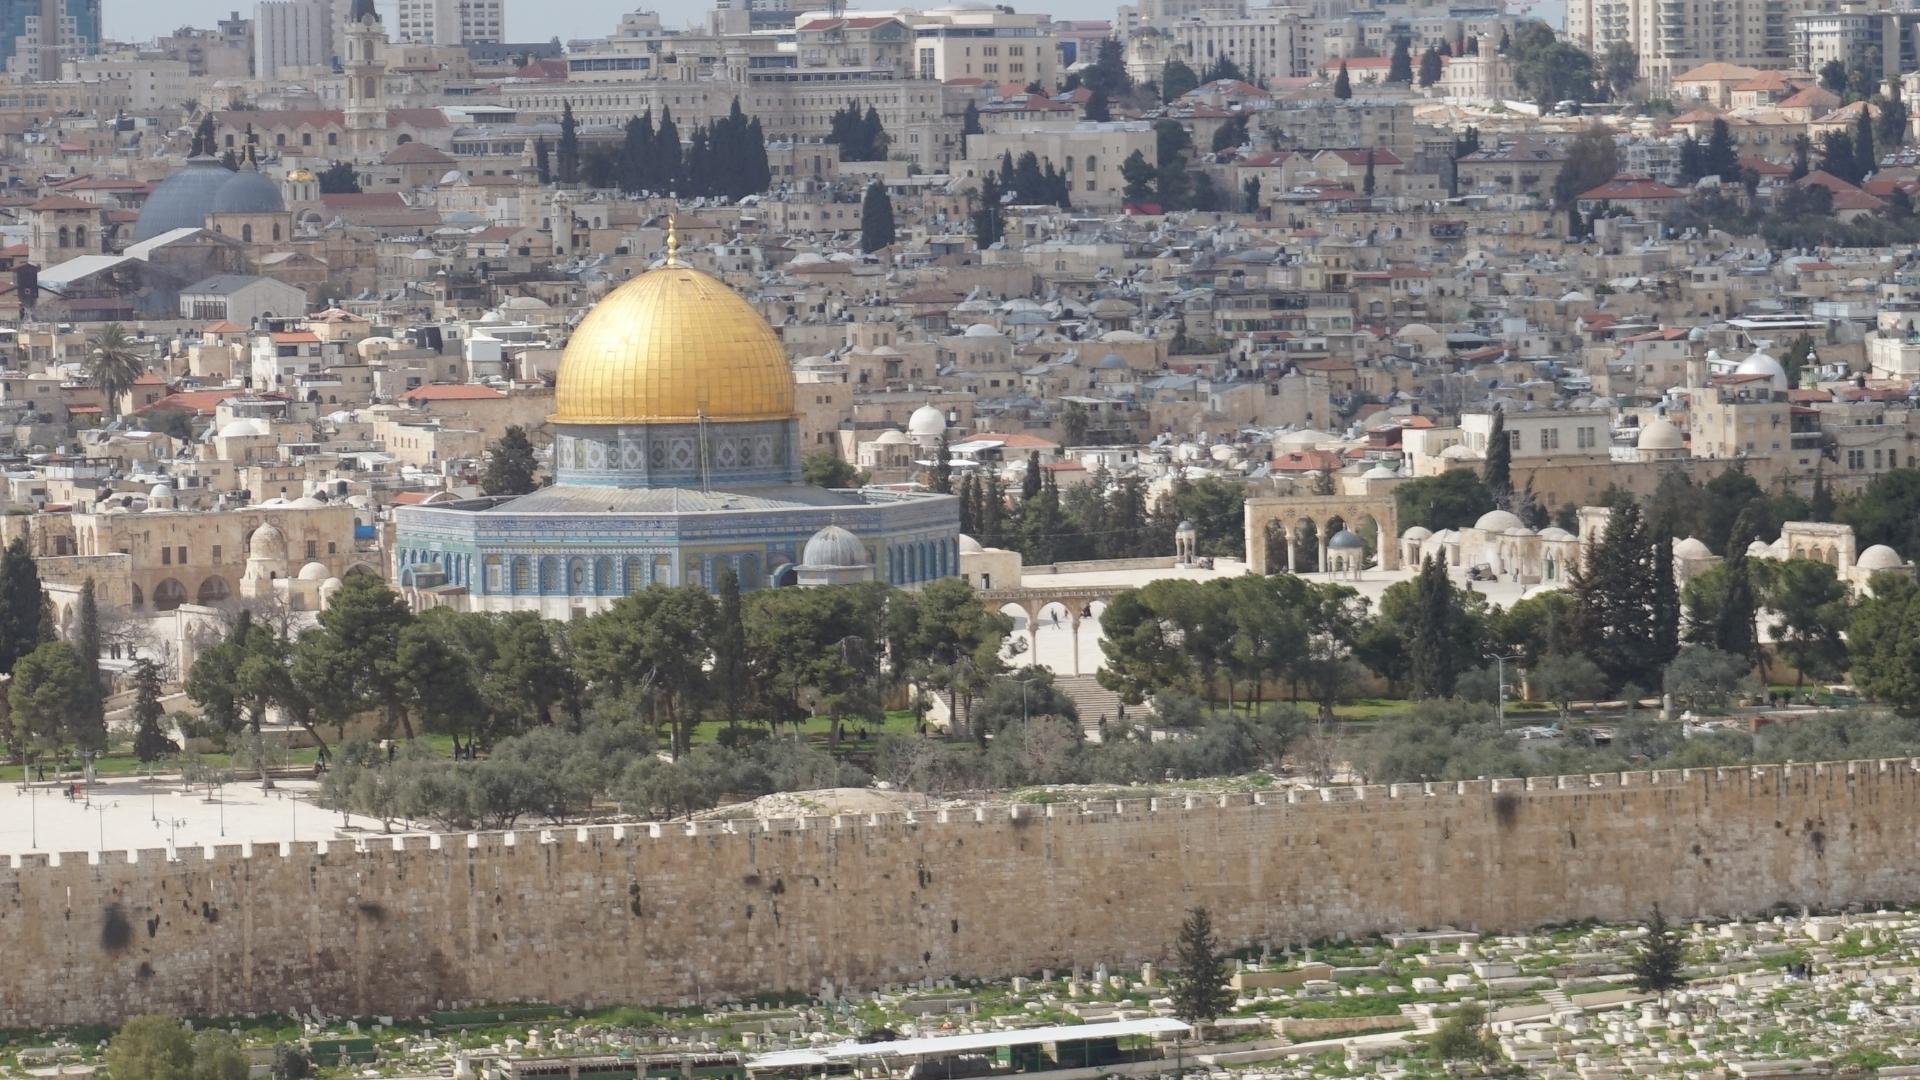 KPIQP: Jangan Biarkan Perempuan dan Anak Al Quds Terus Menderita